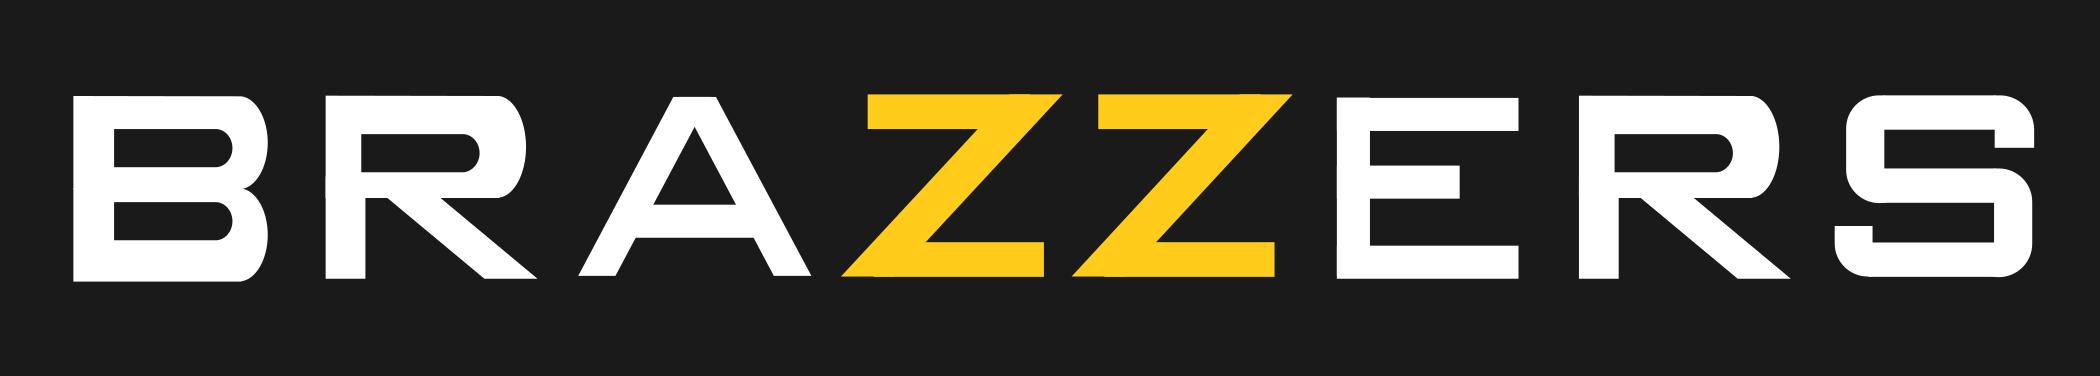 brazzers logo 2 - Brazzers Logo